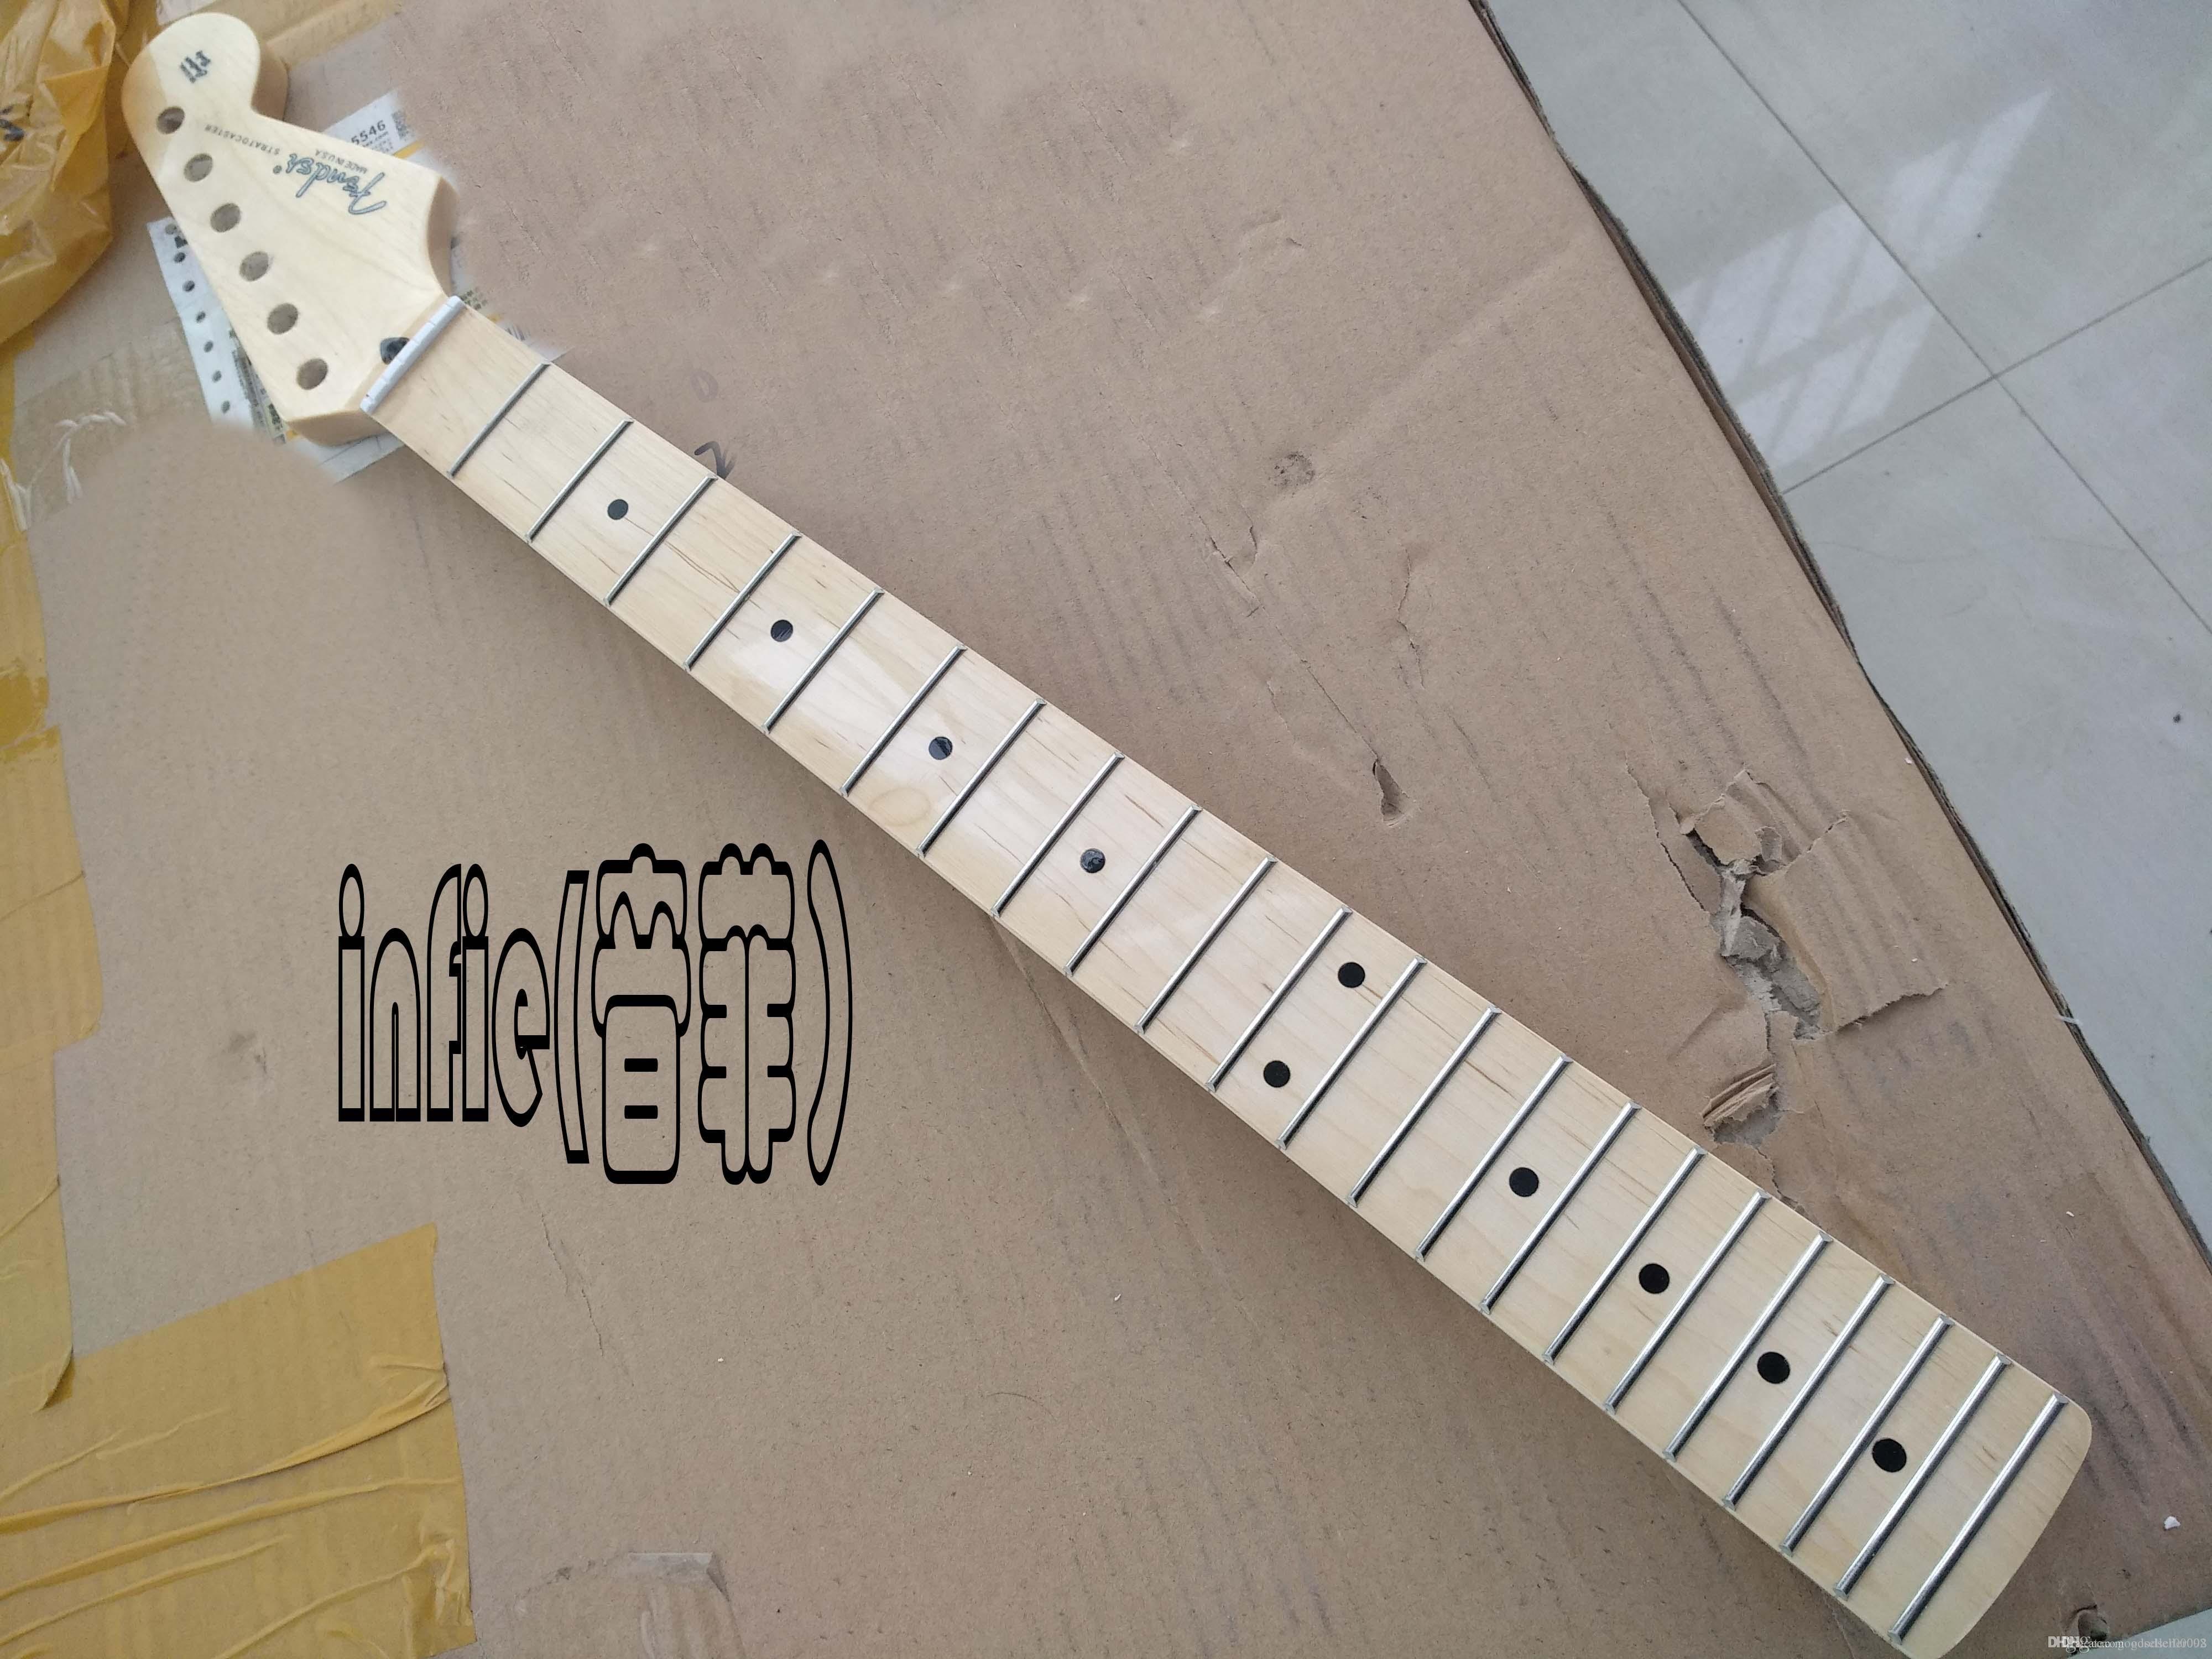 الشحن السريع الجديد ستراتوكاستر الغيتار الكهربائي الحادي والعنق 22 الحنق القيقب الأصابع الورنيش بعد الرقبة حزام الغيتار